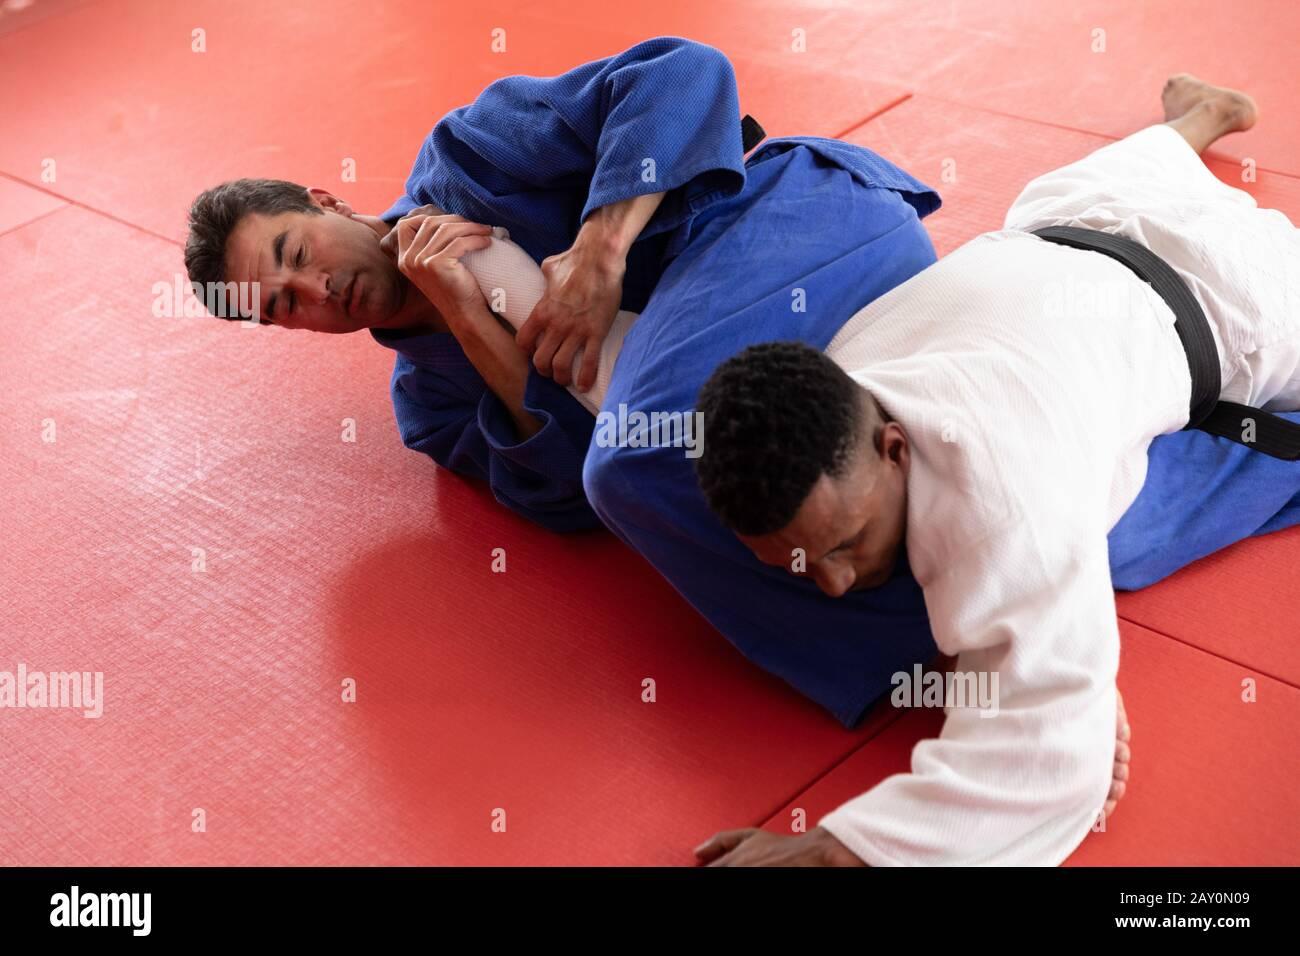 Judokas pratiquant le judo pendant un sparing dans une salle de sport Banque D'Images